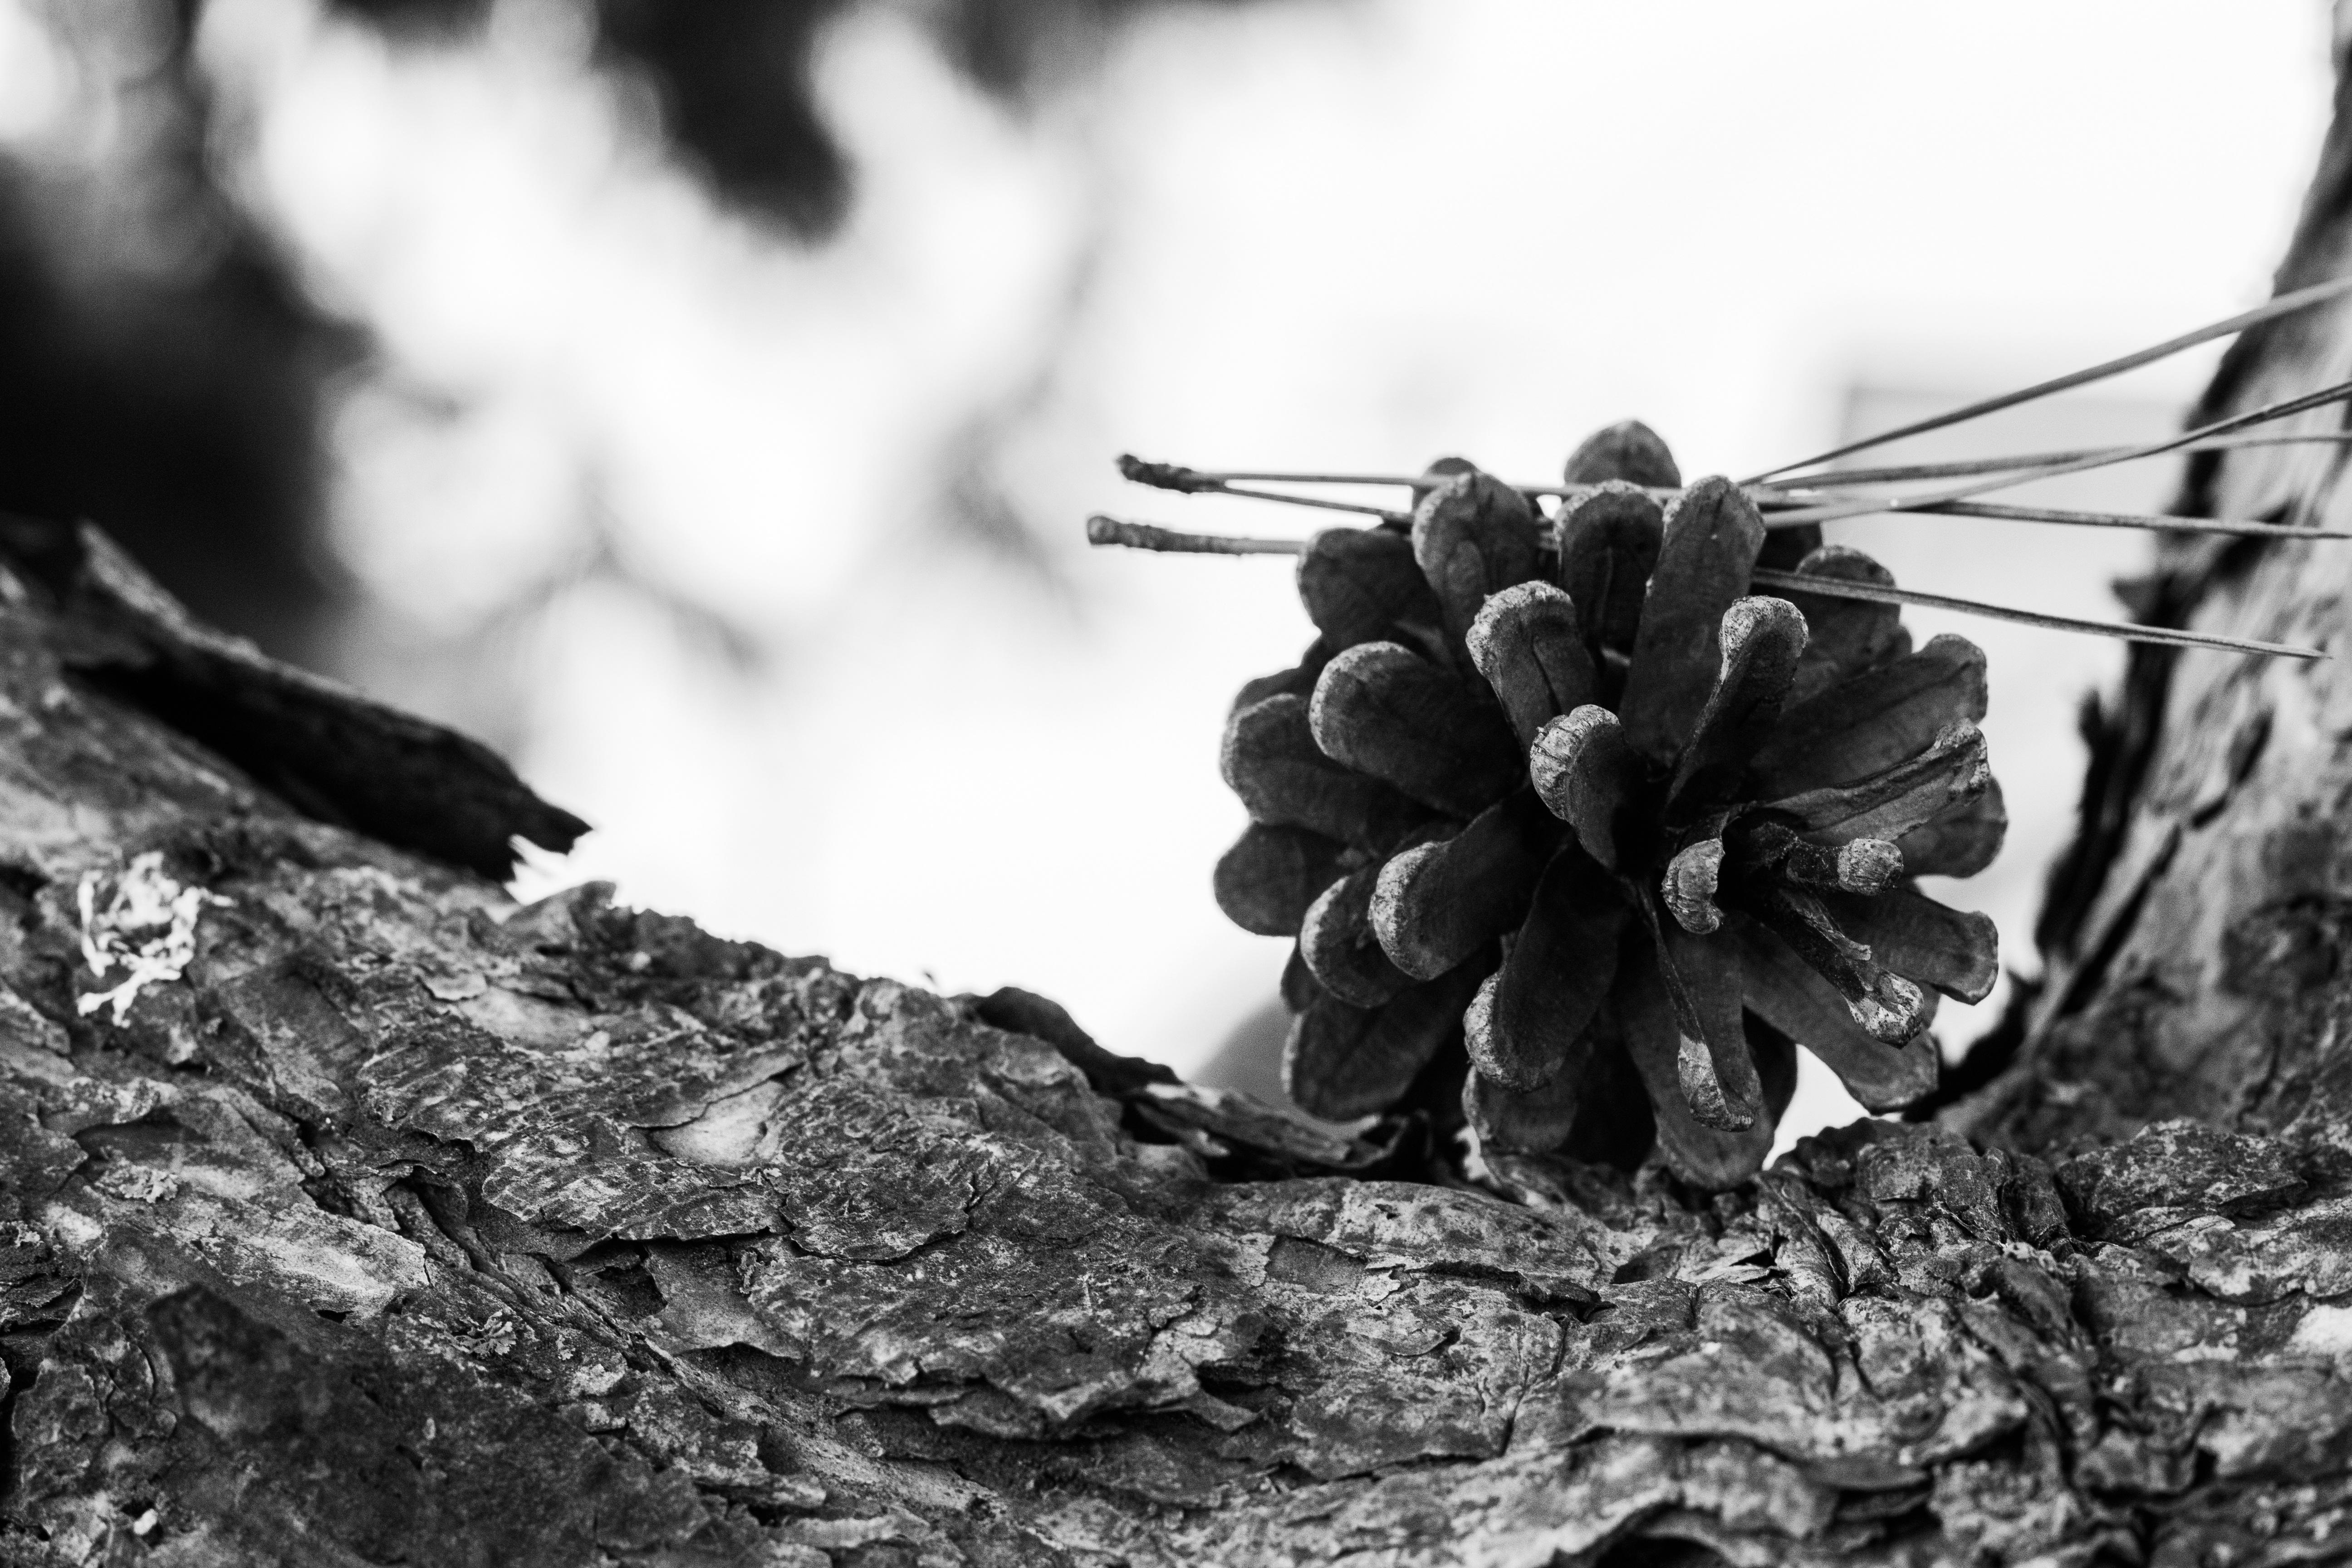 Arbre Bois Blanc Decoration images gratuites : la nature, forêt, de plein air, branche